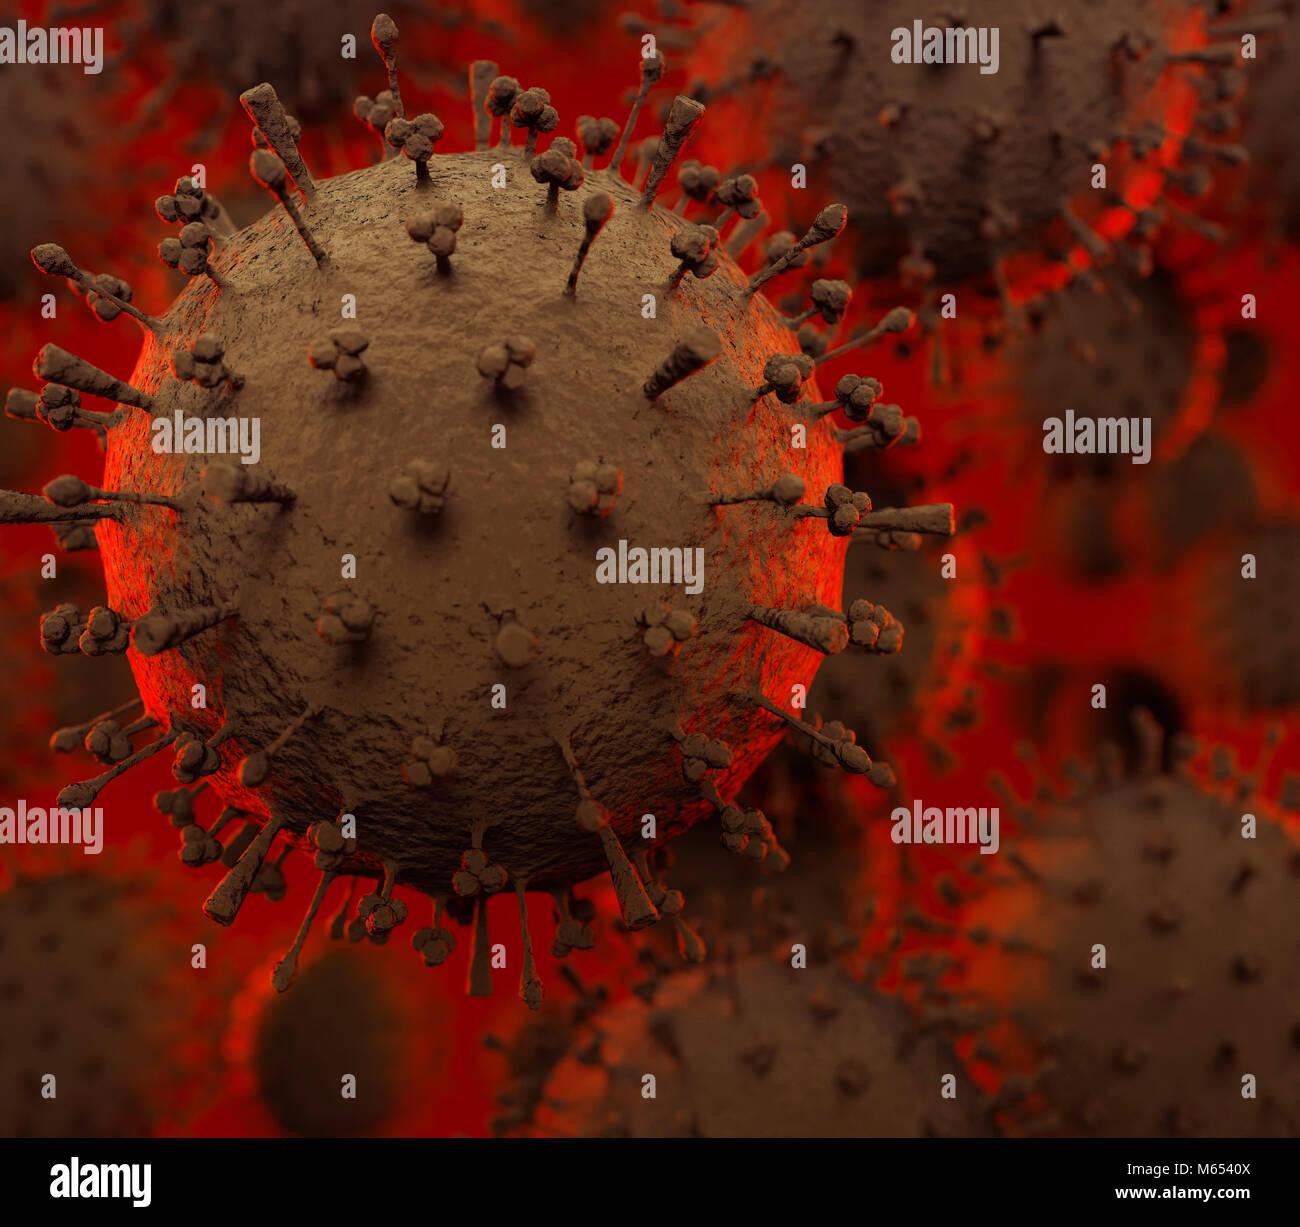 Le virus de la grippe H1N1, H5N1, virus de l'influenza A virus - particules au microscope. 3D illustration médicale Photo Stock